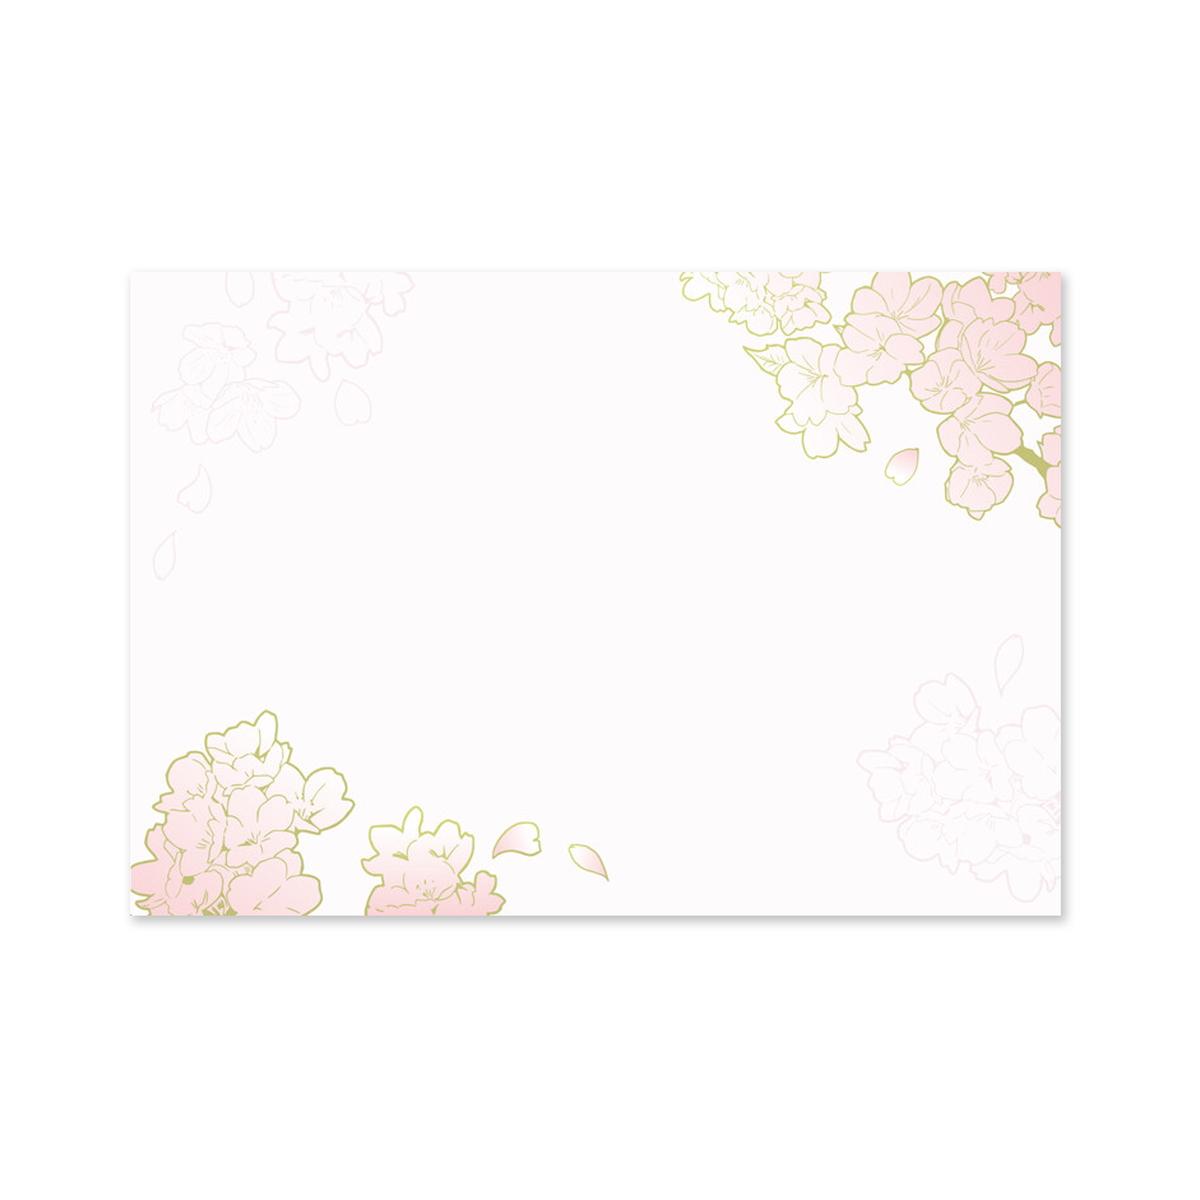 ミニレターセット さくら浪漫|mls-126